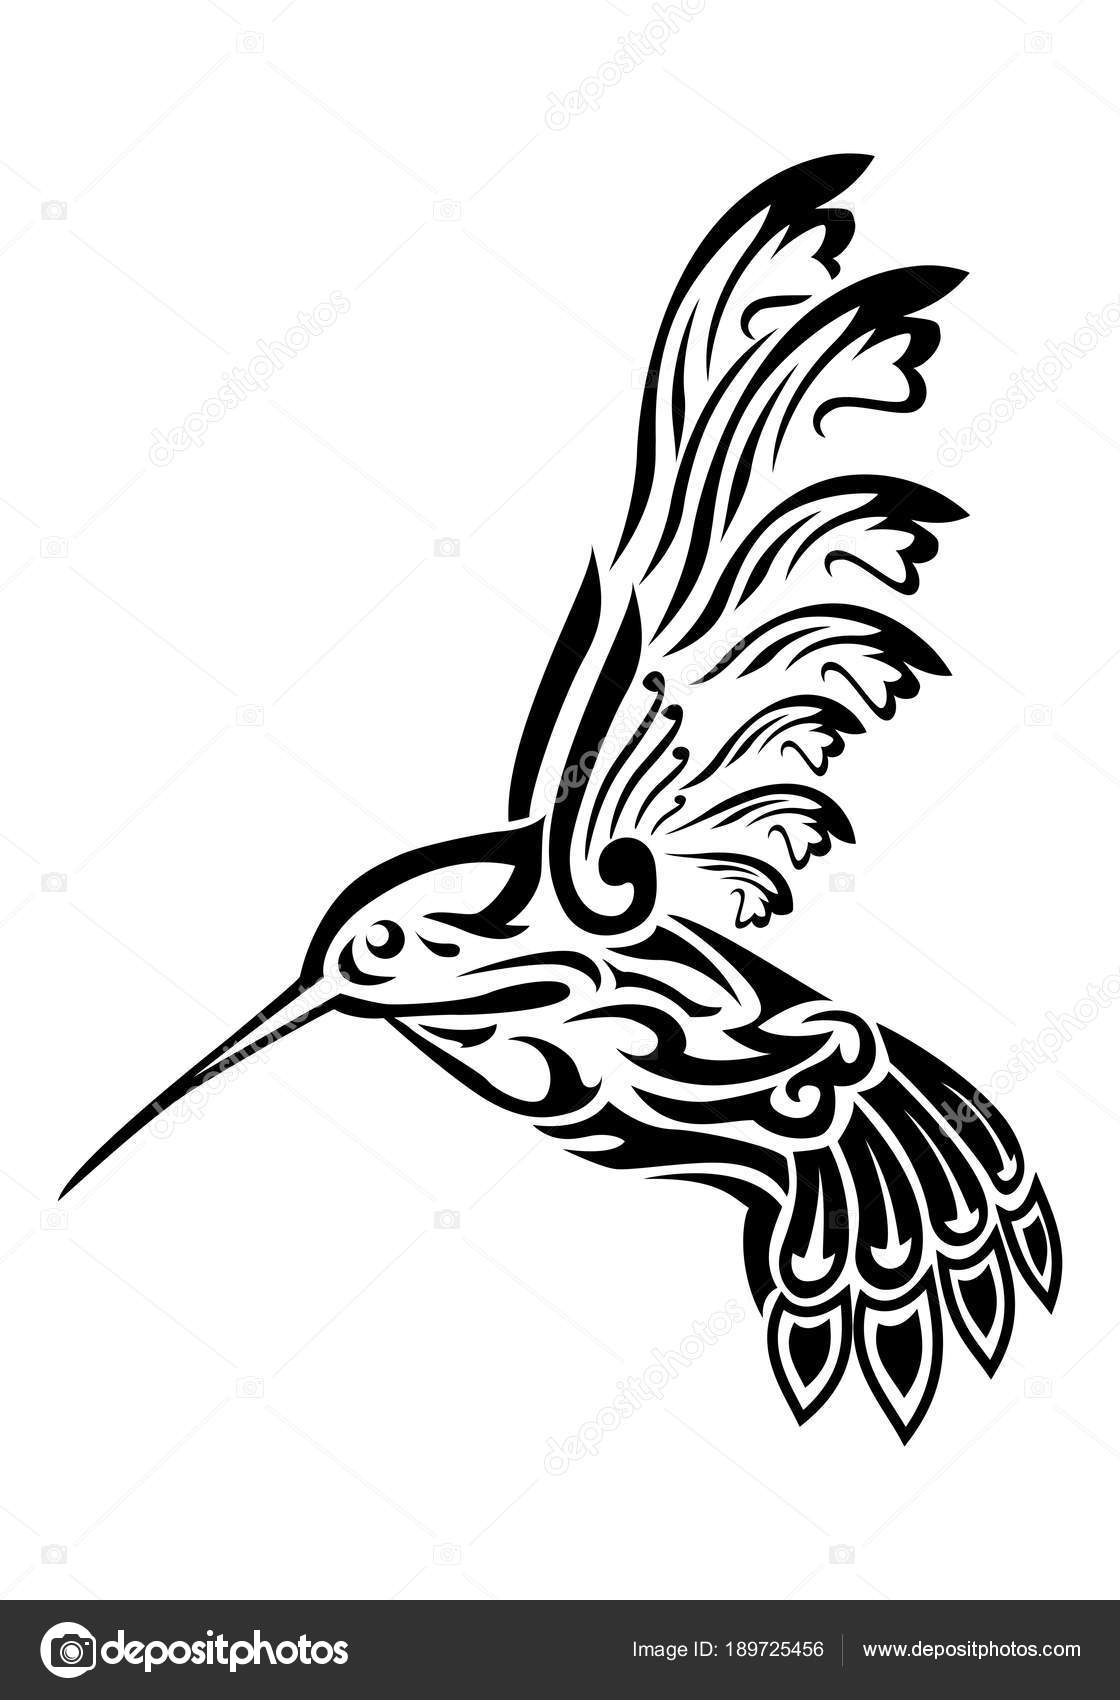 Tatouage Oiseau De Bourdonnement Photographie Onionime C 189725456